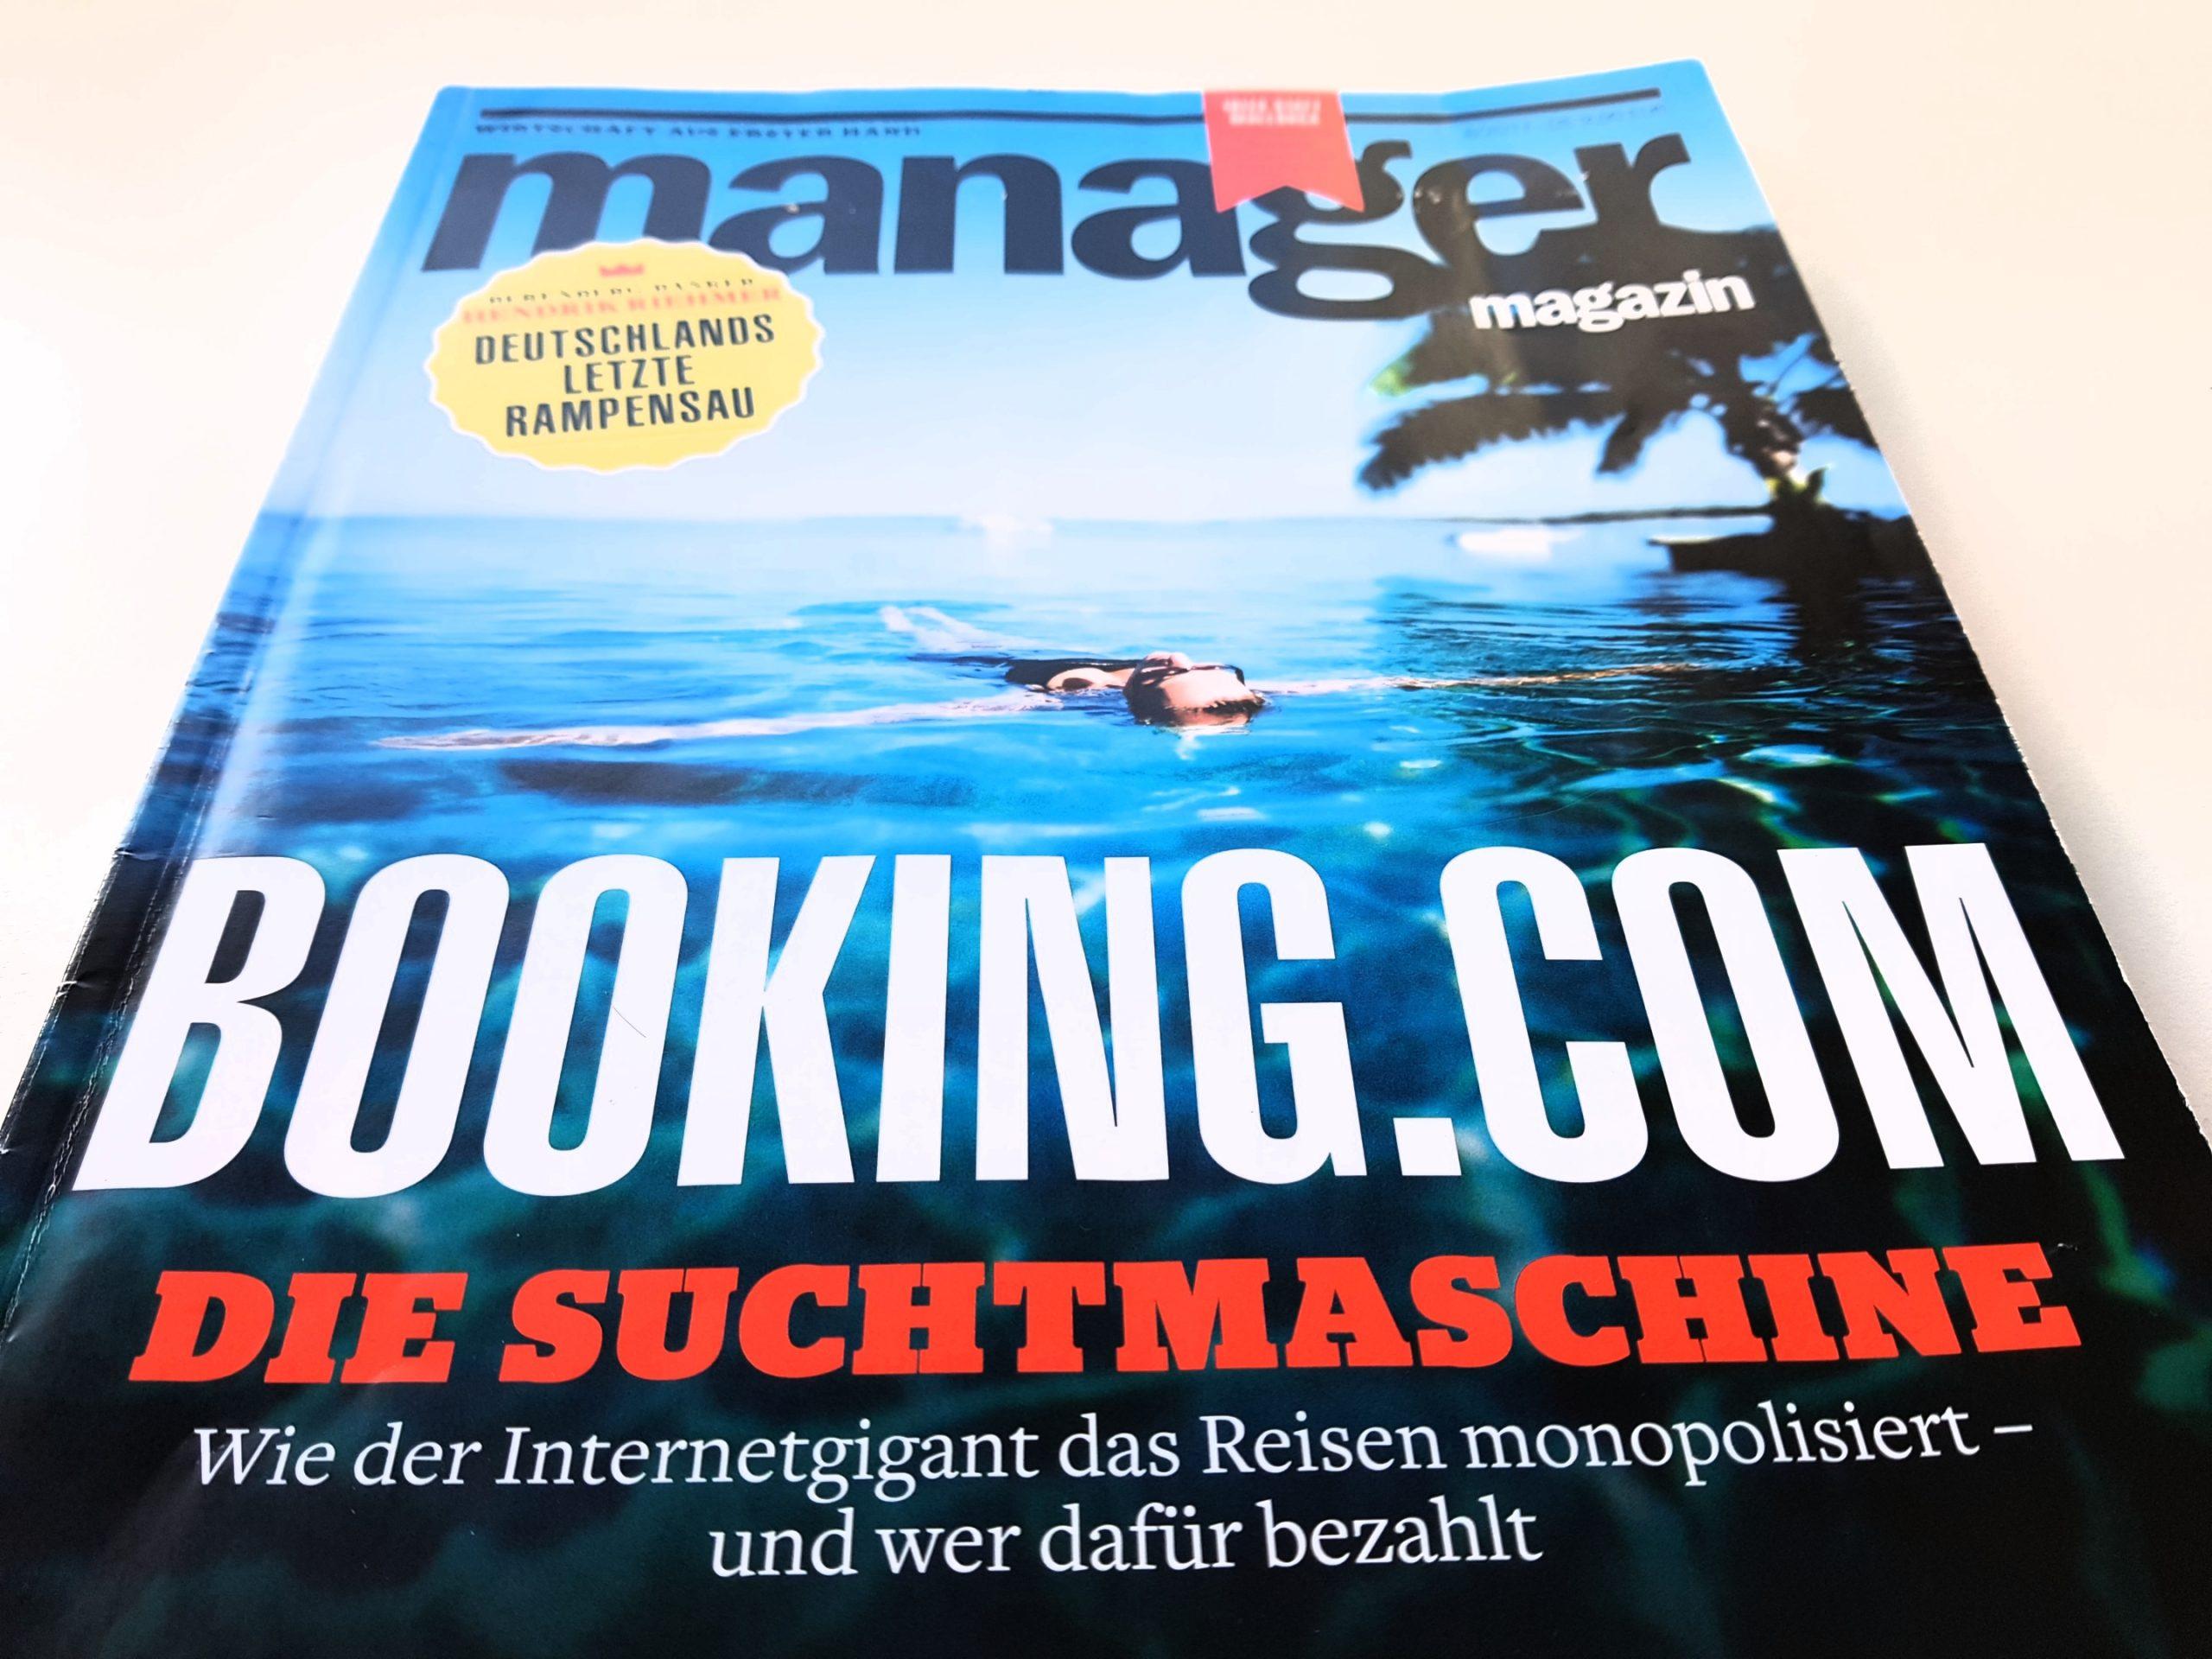 Manager Magazin 8/2017: Booking.com, wie der Internetgigant das Reisen monopolisiert – und wer dafür bezahlt